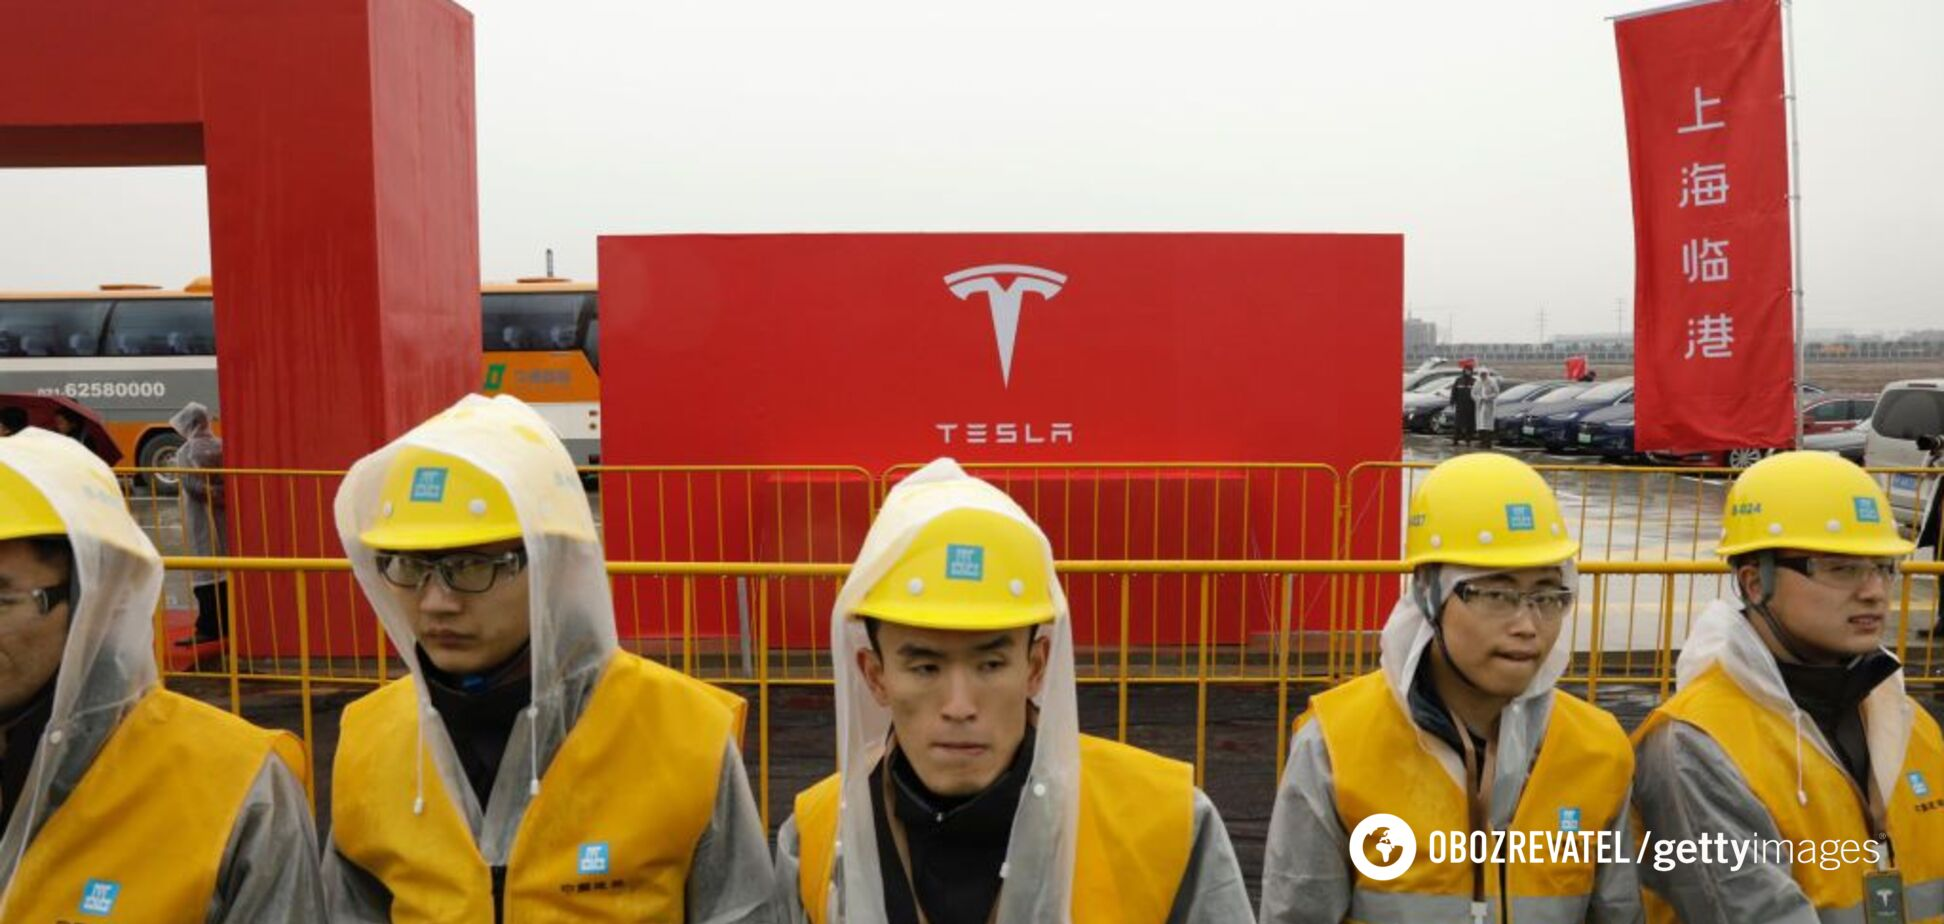 Tesla открывает 'супер завод' в Китае: названы планы и цели